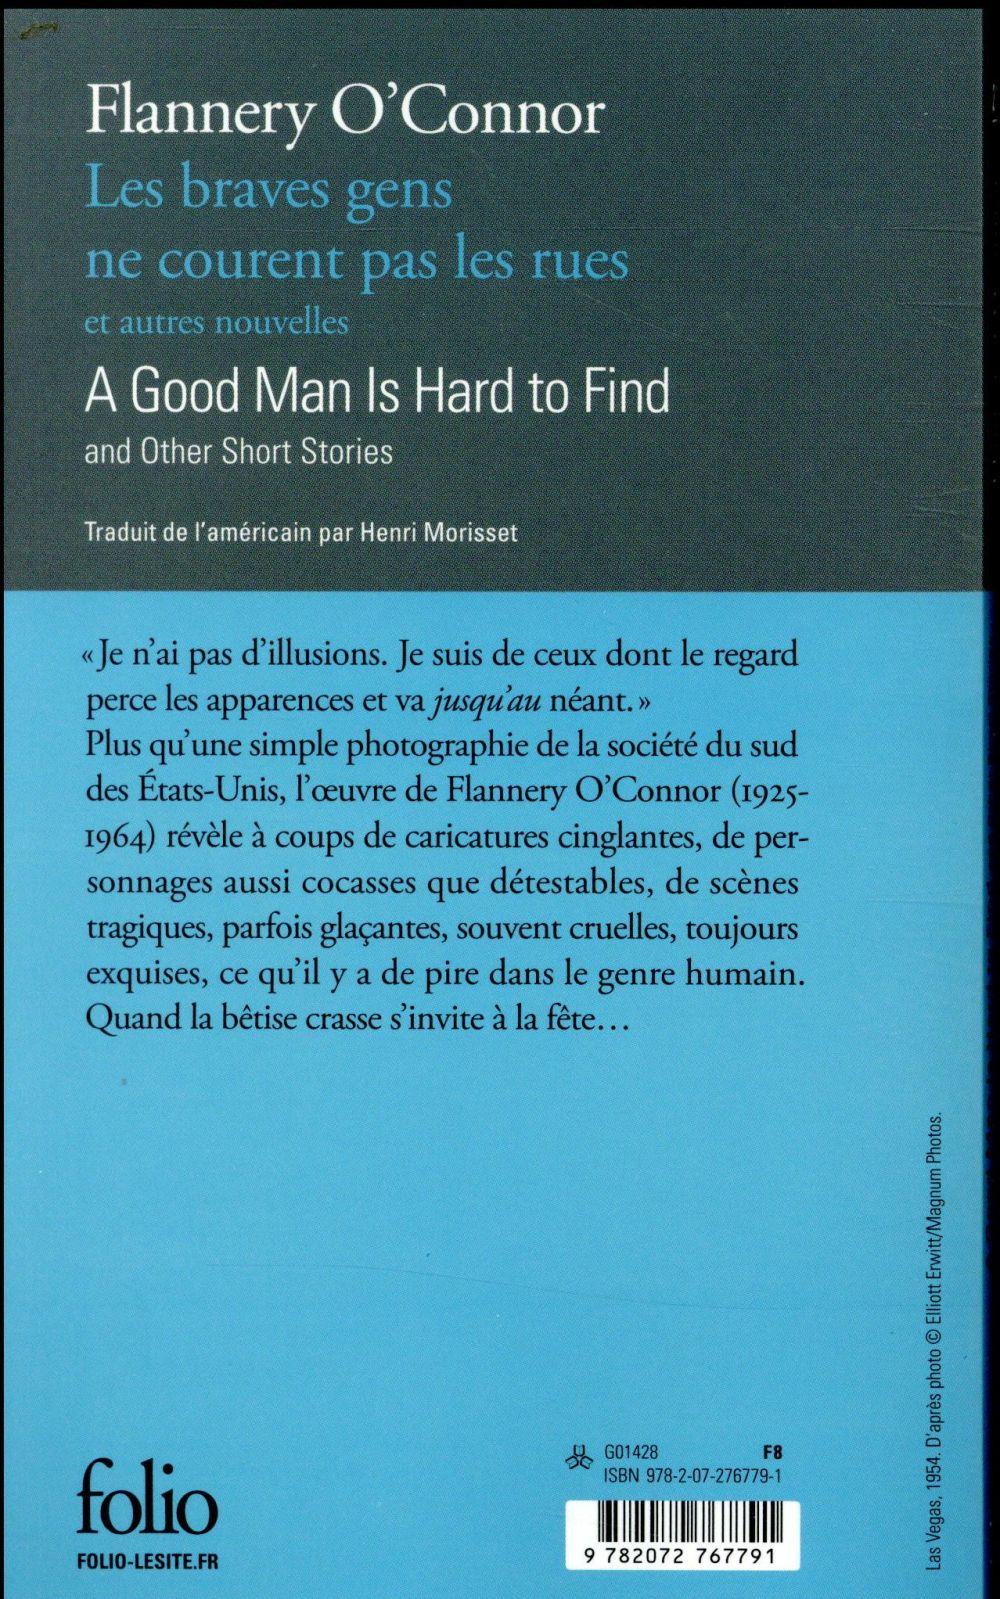 Les braves gens ne courent pas les rues et autres nouvelles ; a good man is hard to find and other short stories